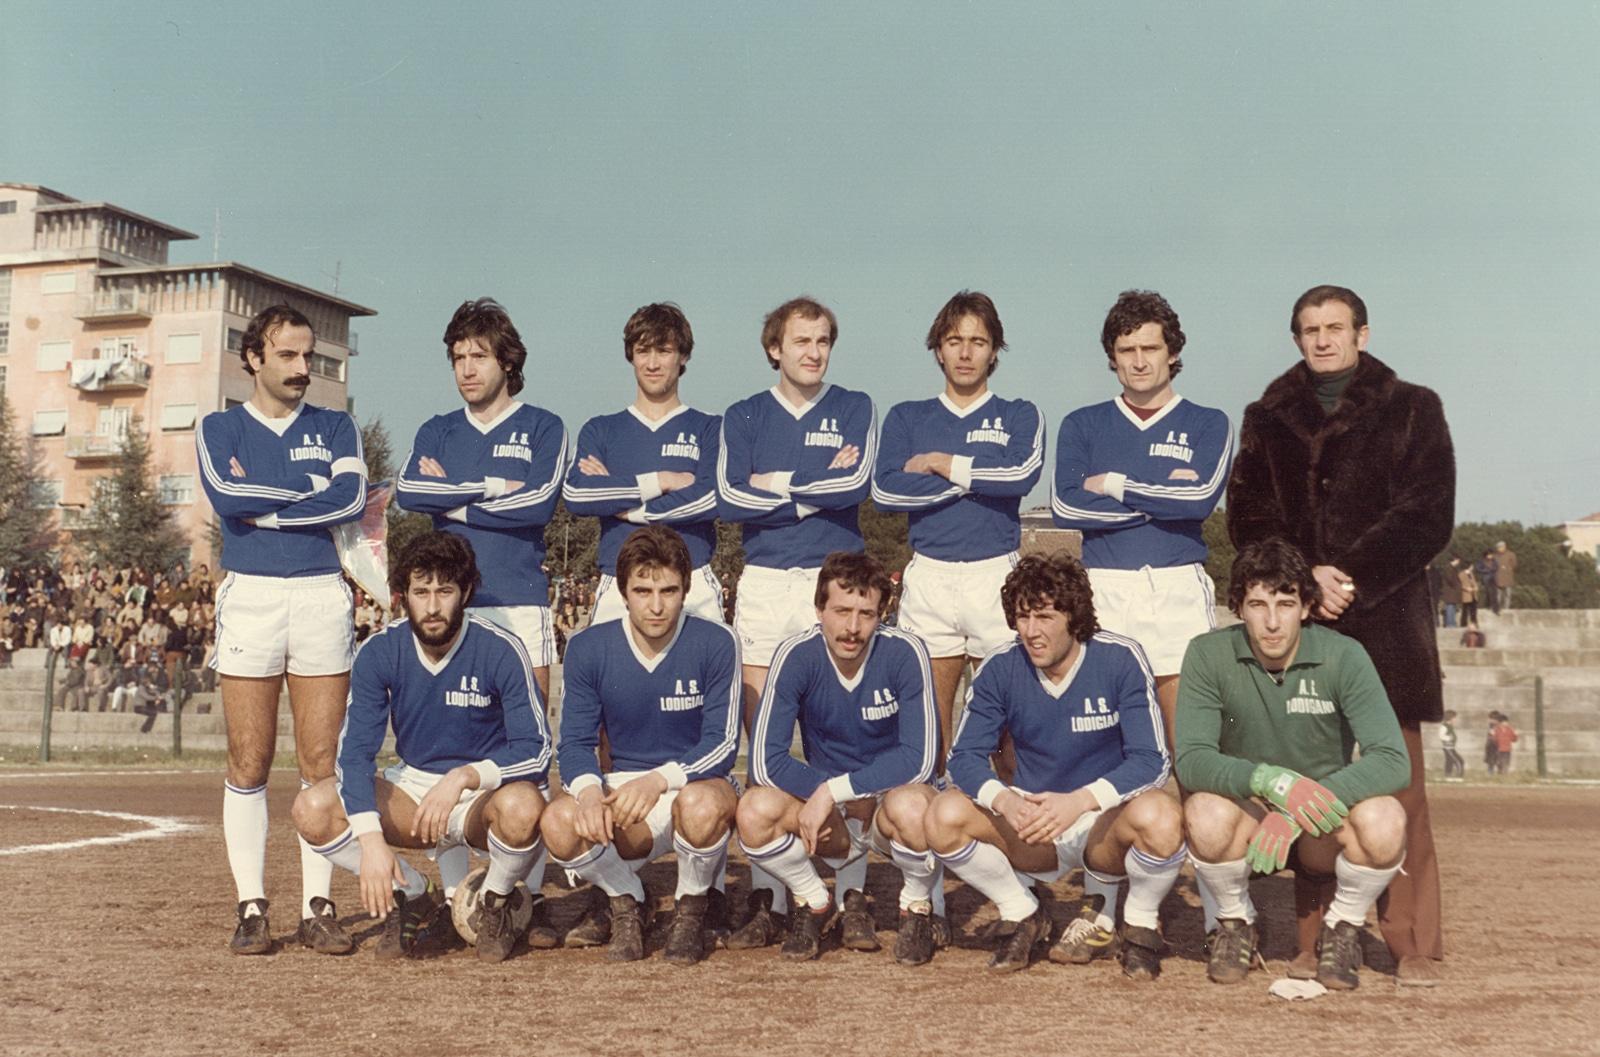 Una formazione della Lodigiani 77-78, in blu. Colore sempre presente nella storia del club